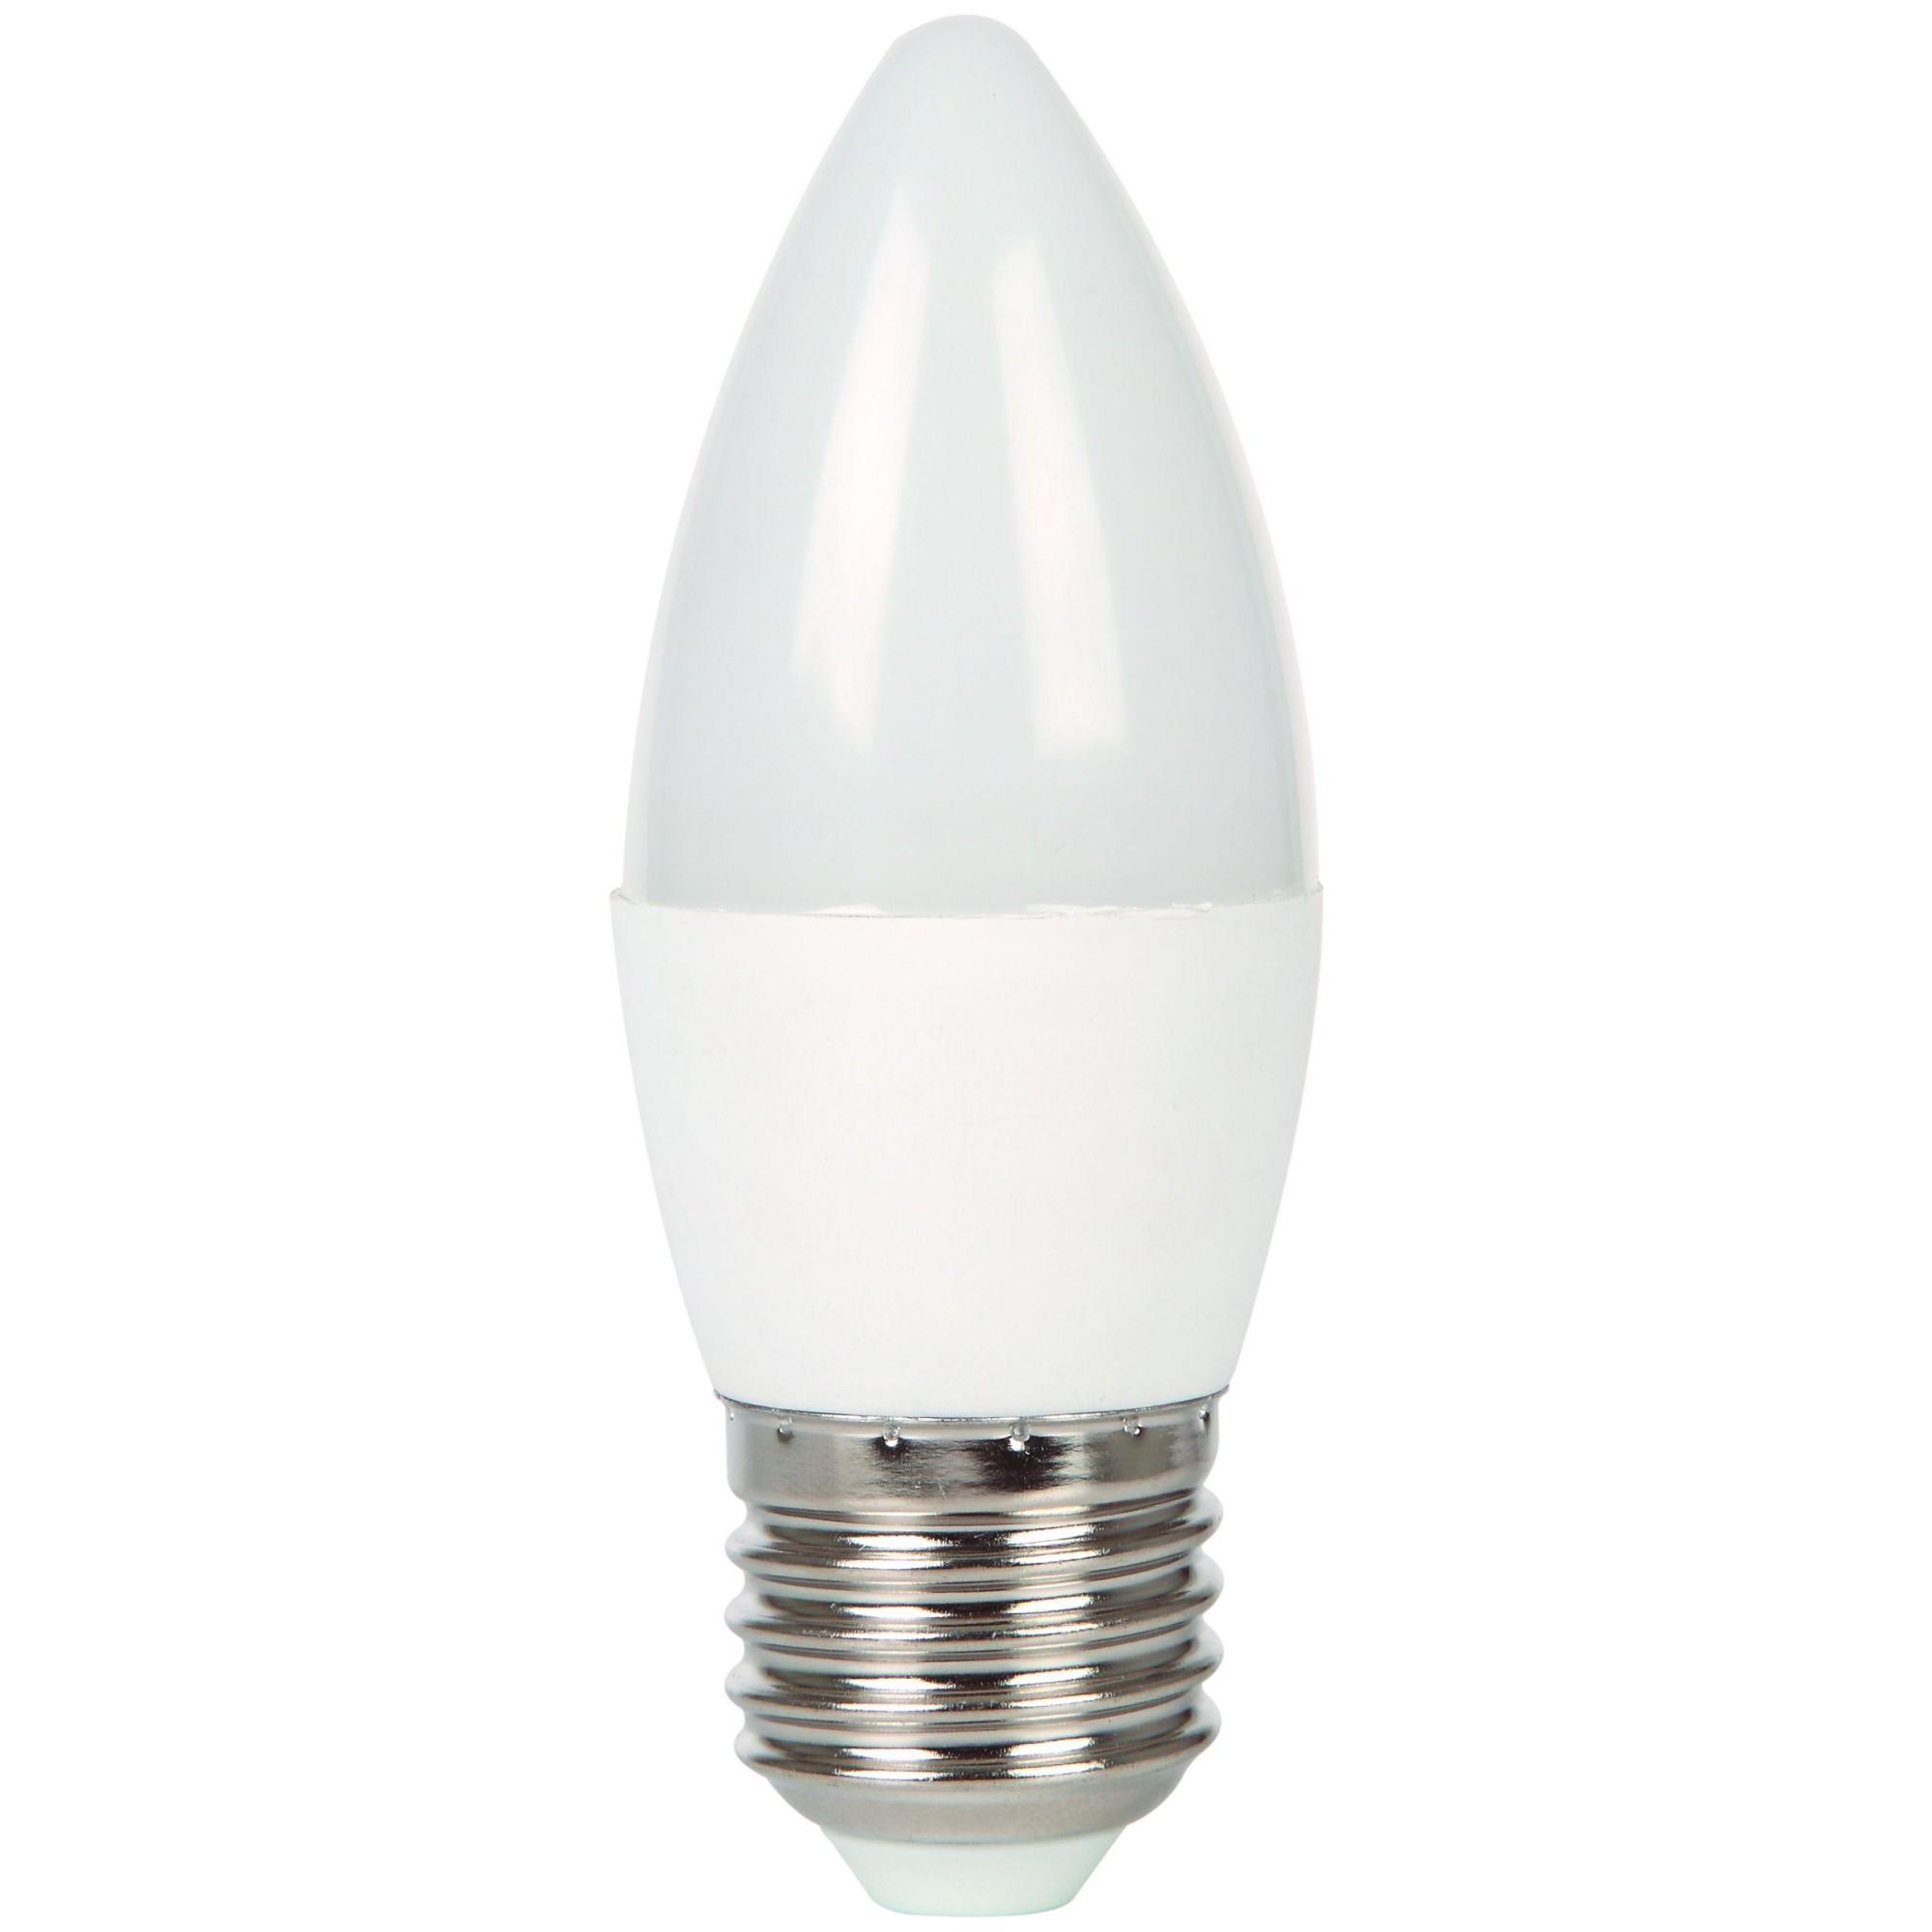 Лампа Ecola стандарт светодионая E27 7 Вт свеча 560 Лм холодный свет